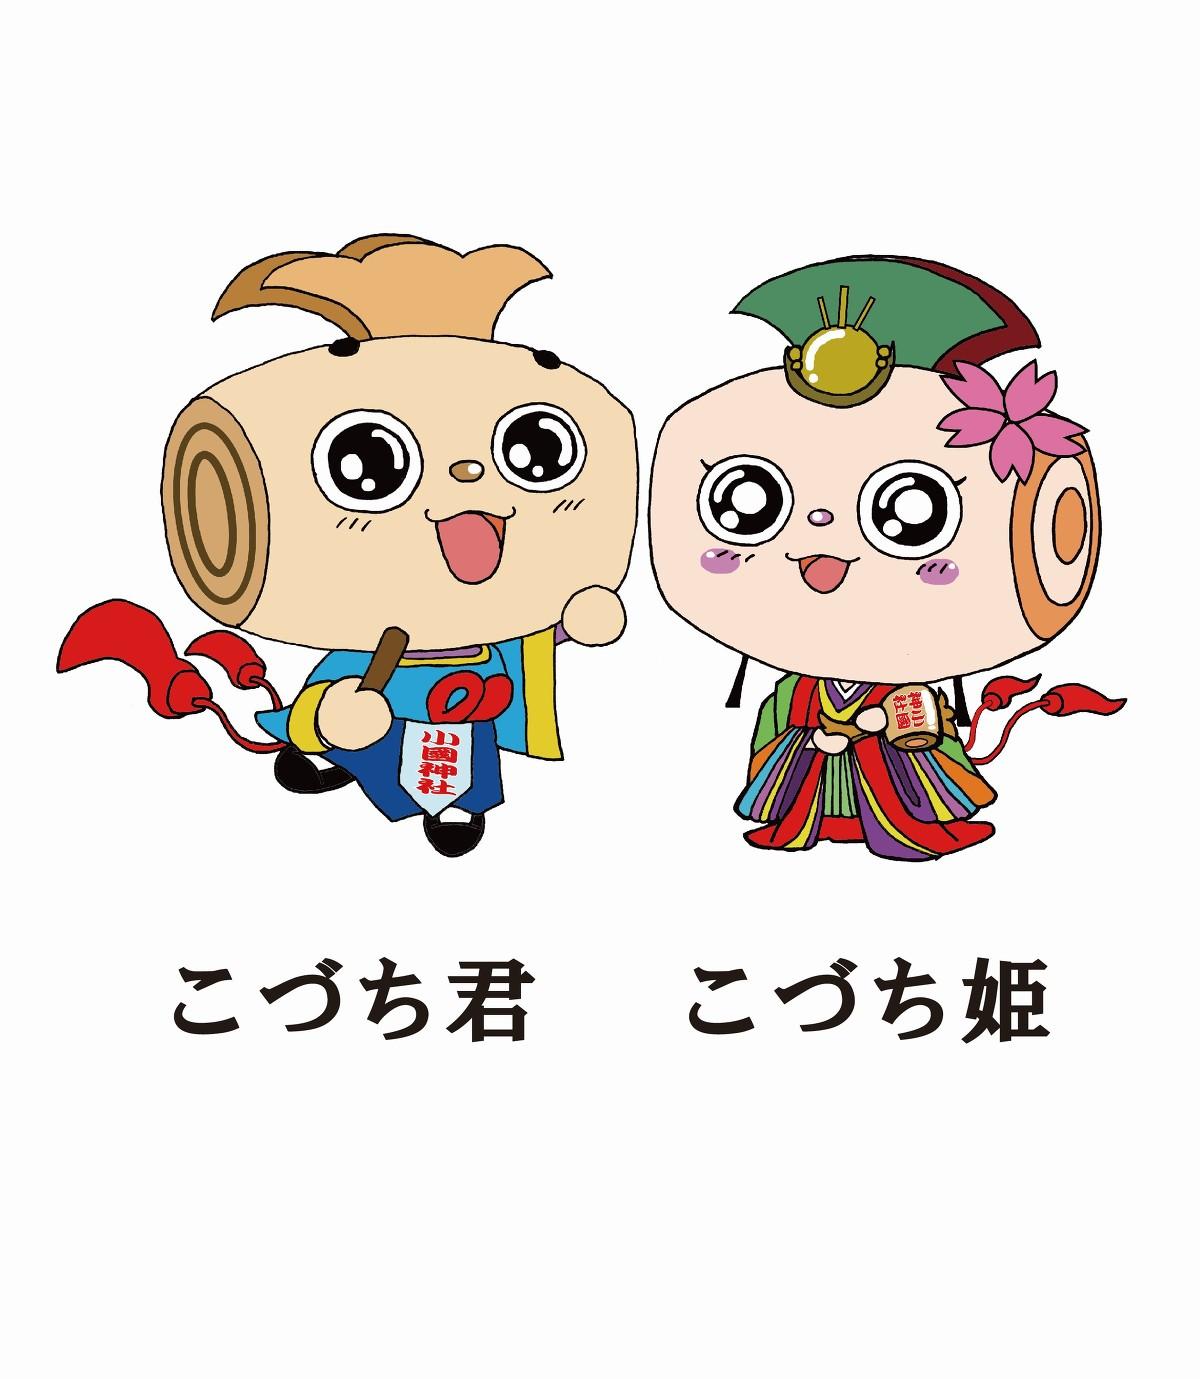 小國神社明神通り縁結び公式キャラクター 「こづち君」 「こづち姫」のL I N Eスタンプが出来上がりました!